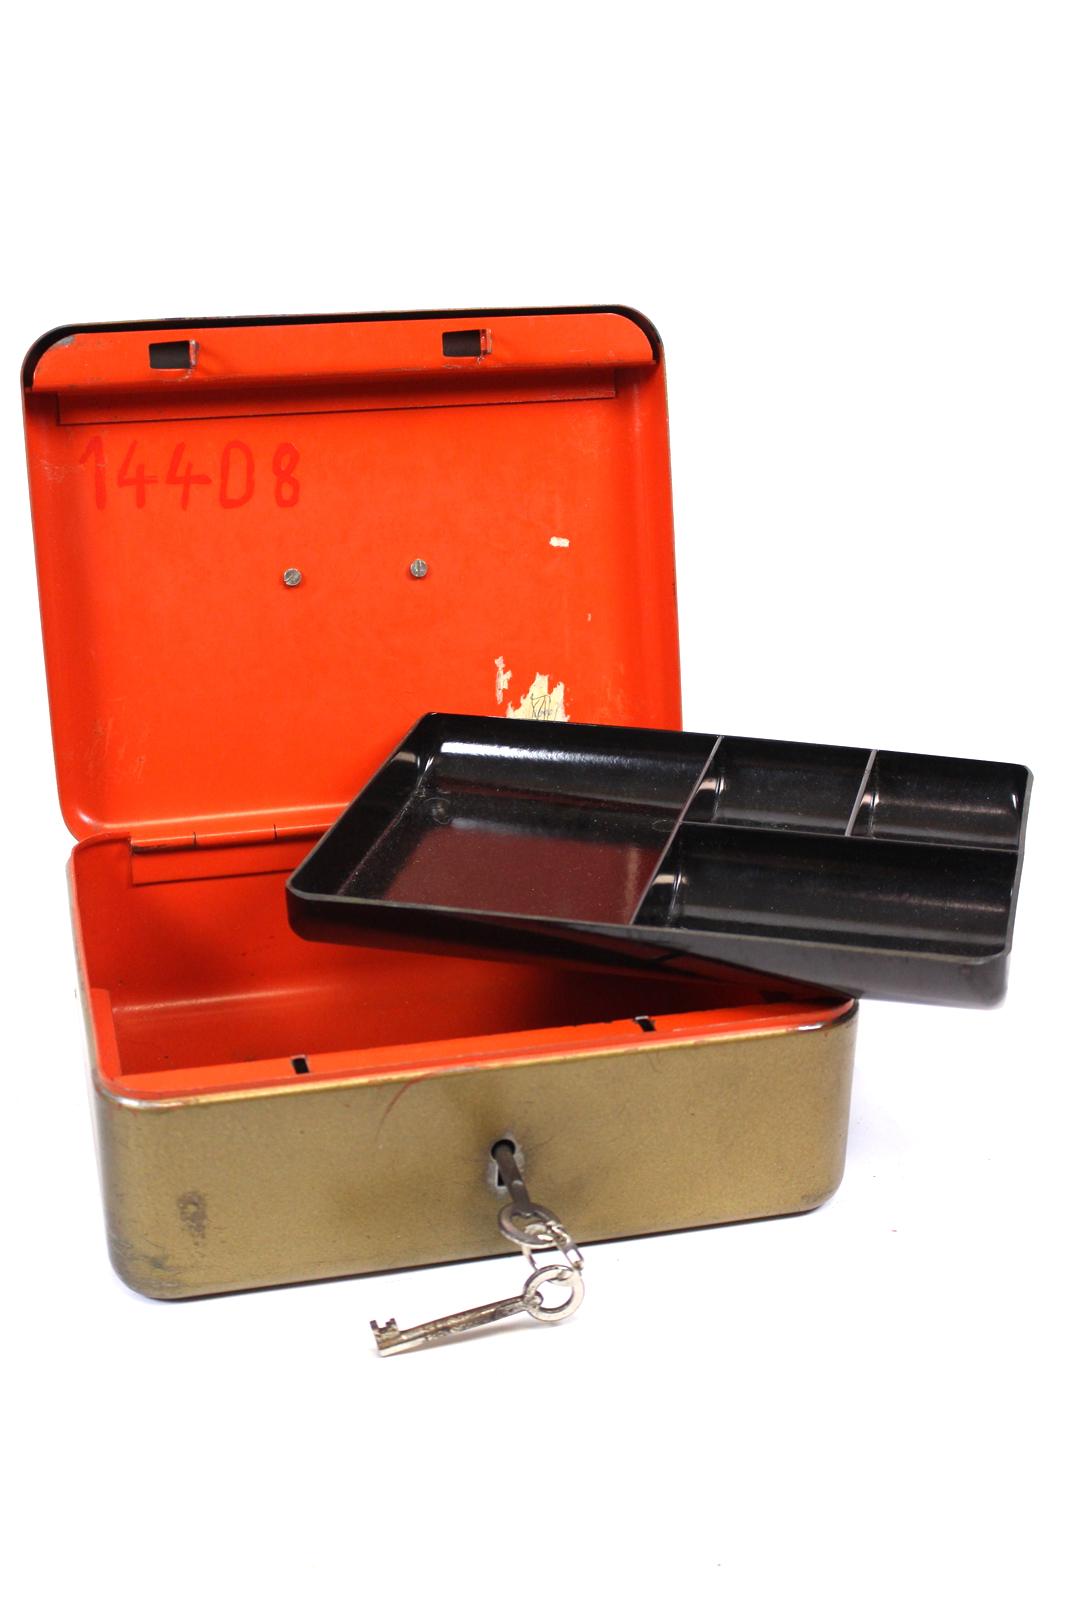 ddr geldkassette stahl metall gold braun 2 schl ssel geldfach kassette kasse ebay. Black Bedroom Furniture Sets. Home Design Ideas